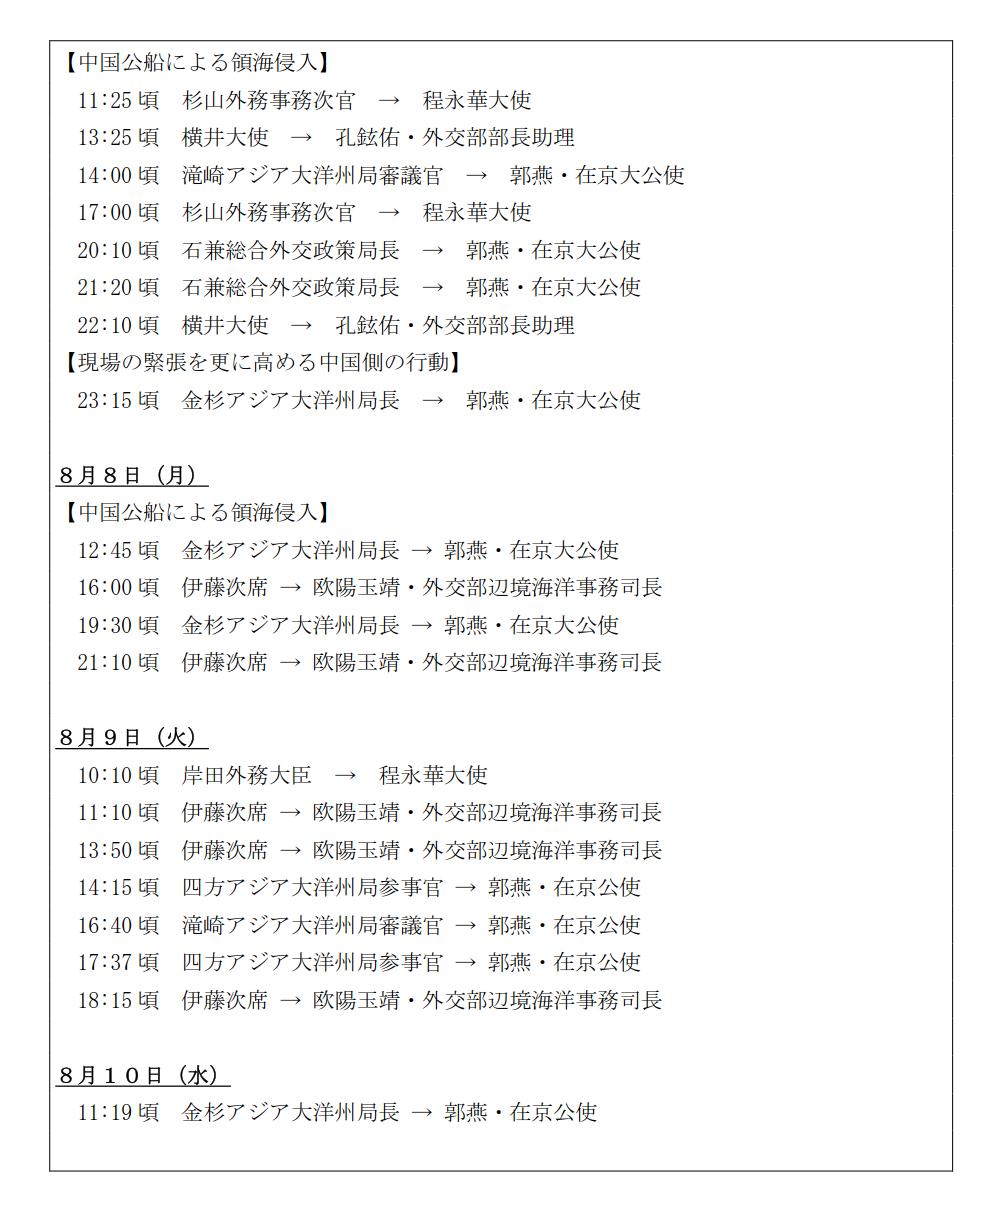 160810 尖閣諸島周辺海域における中国公船及び中国漁船の活動状況について_4